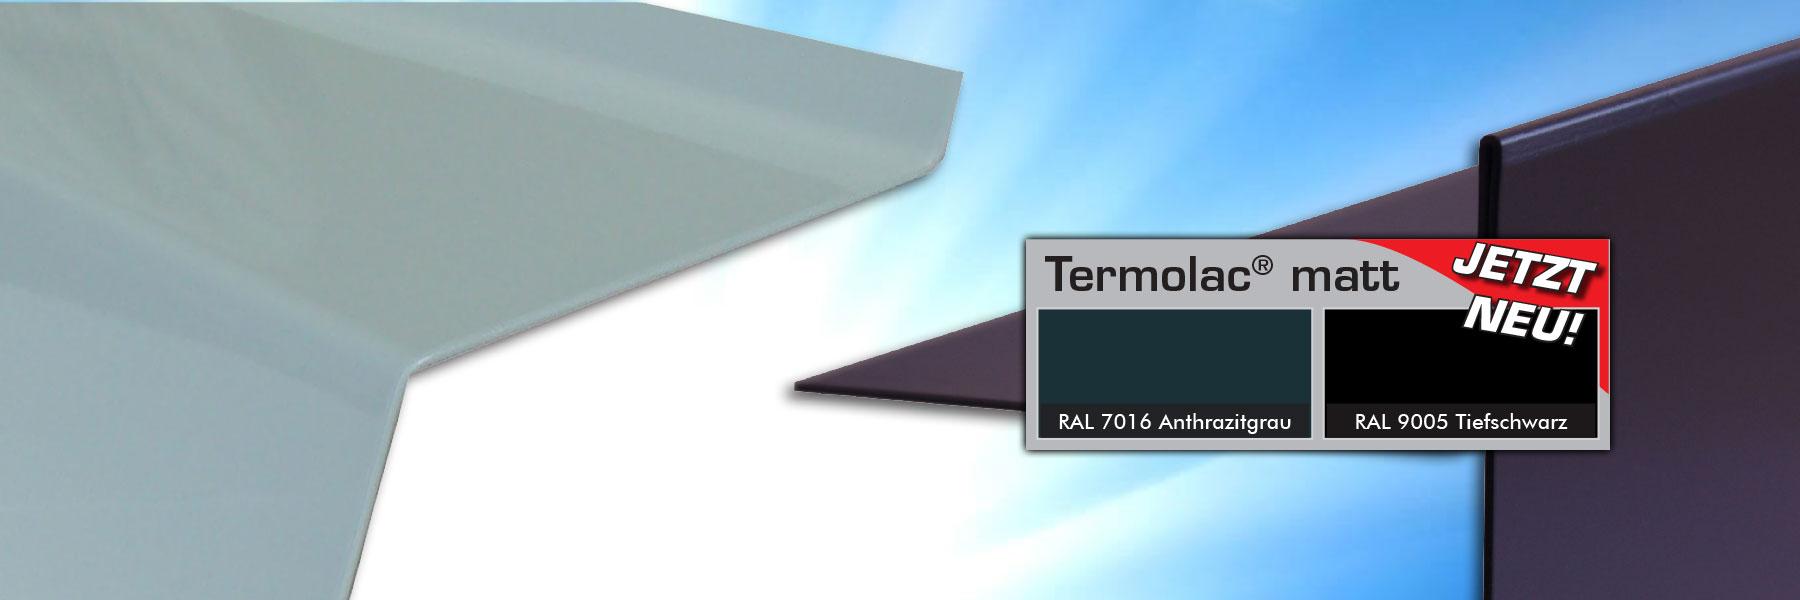 Slider Termolac Pulverbeschichtetes Kantbares Farbaluminiumblech Fassadenblech Termolac Matt 4